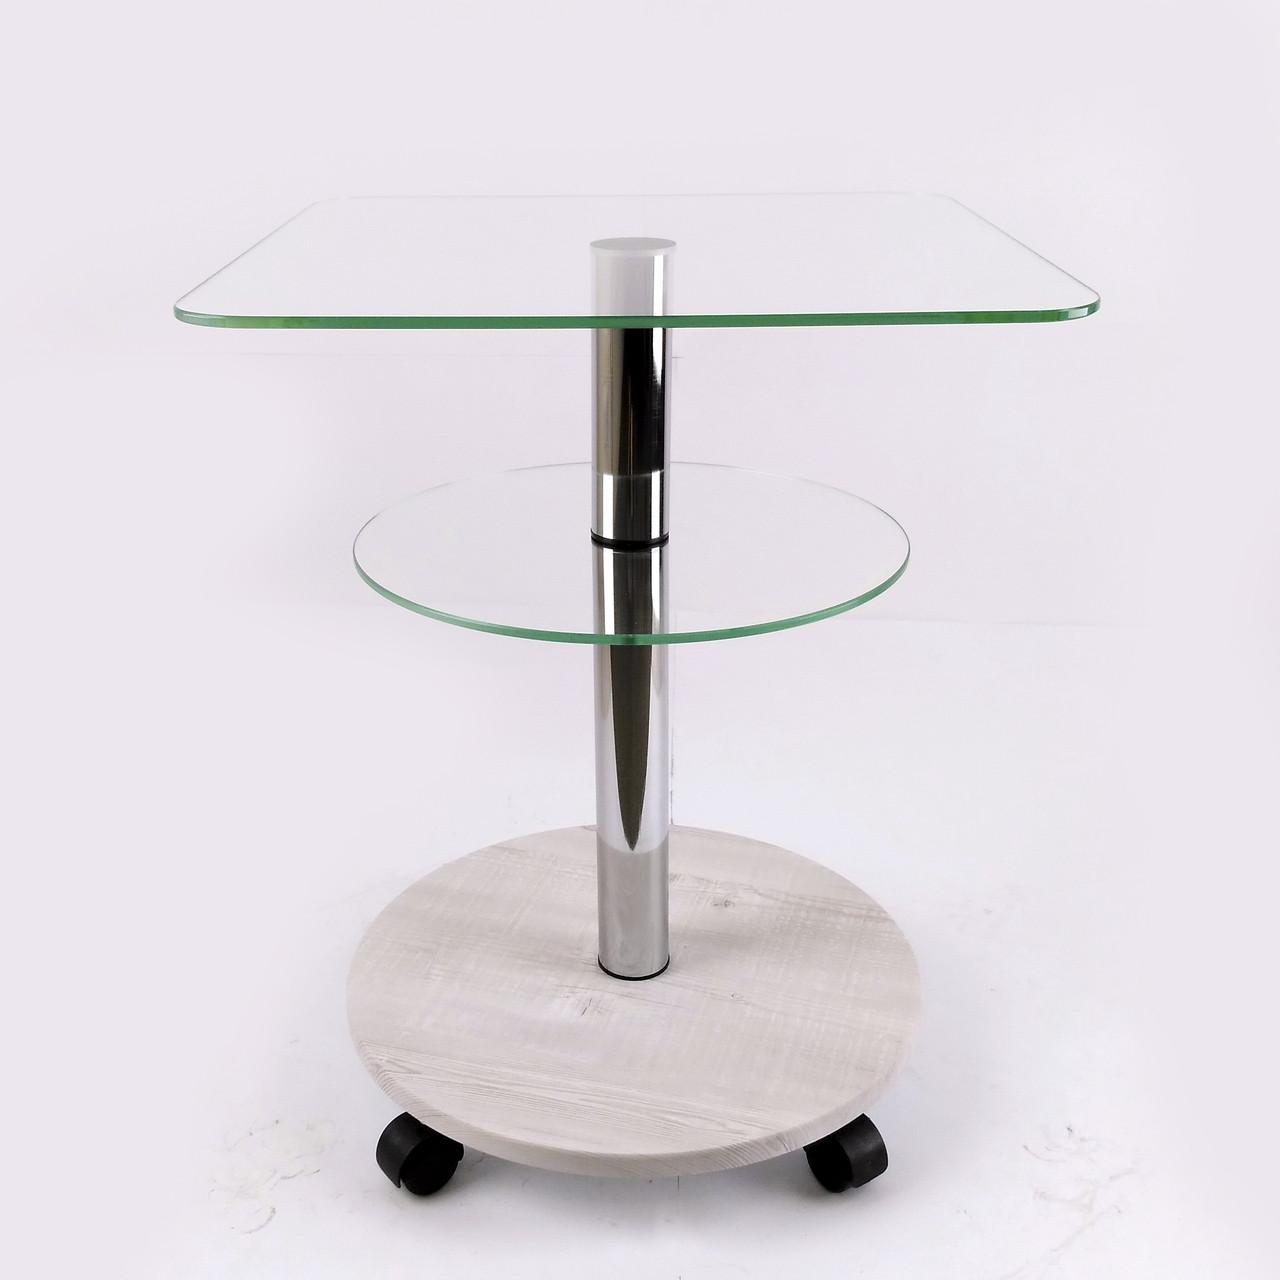 Стол журнальный стекло квадратный Commus Bravo Light400 Kv6 clear-sosnak-chr50